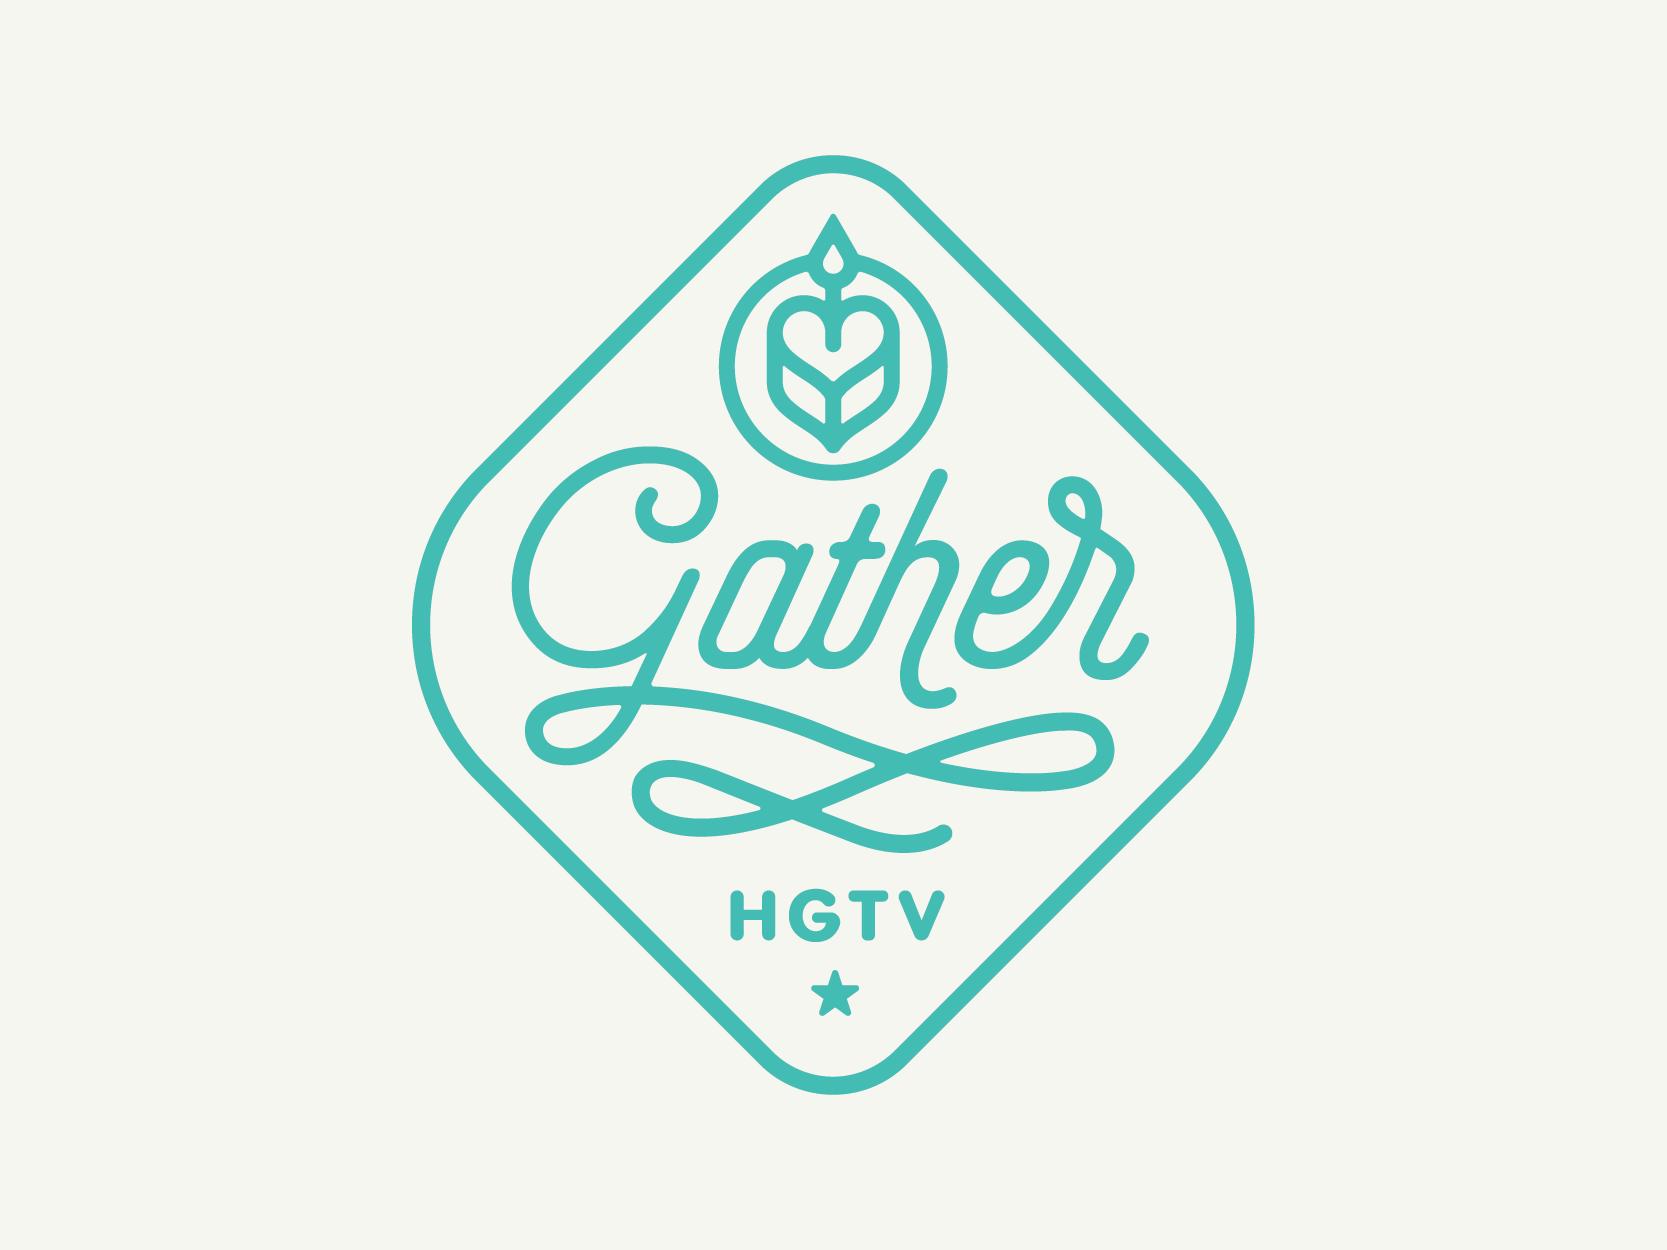 hgtv_gather_logo-01.png